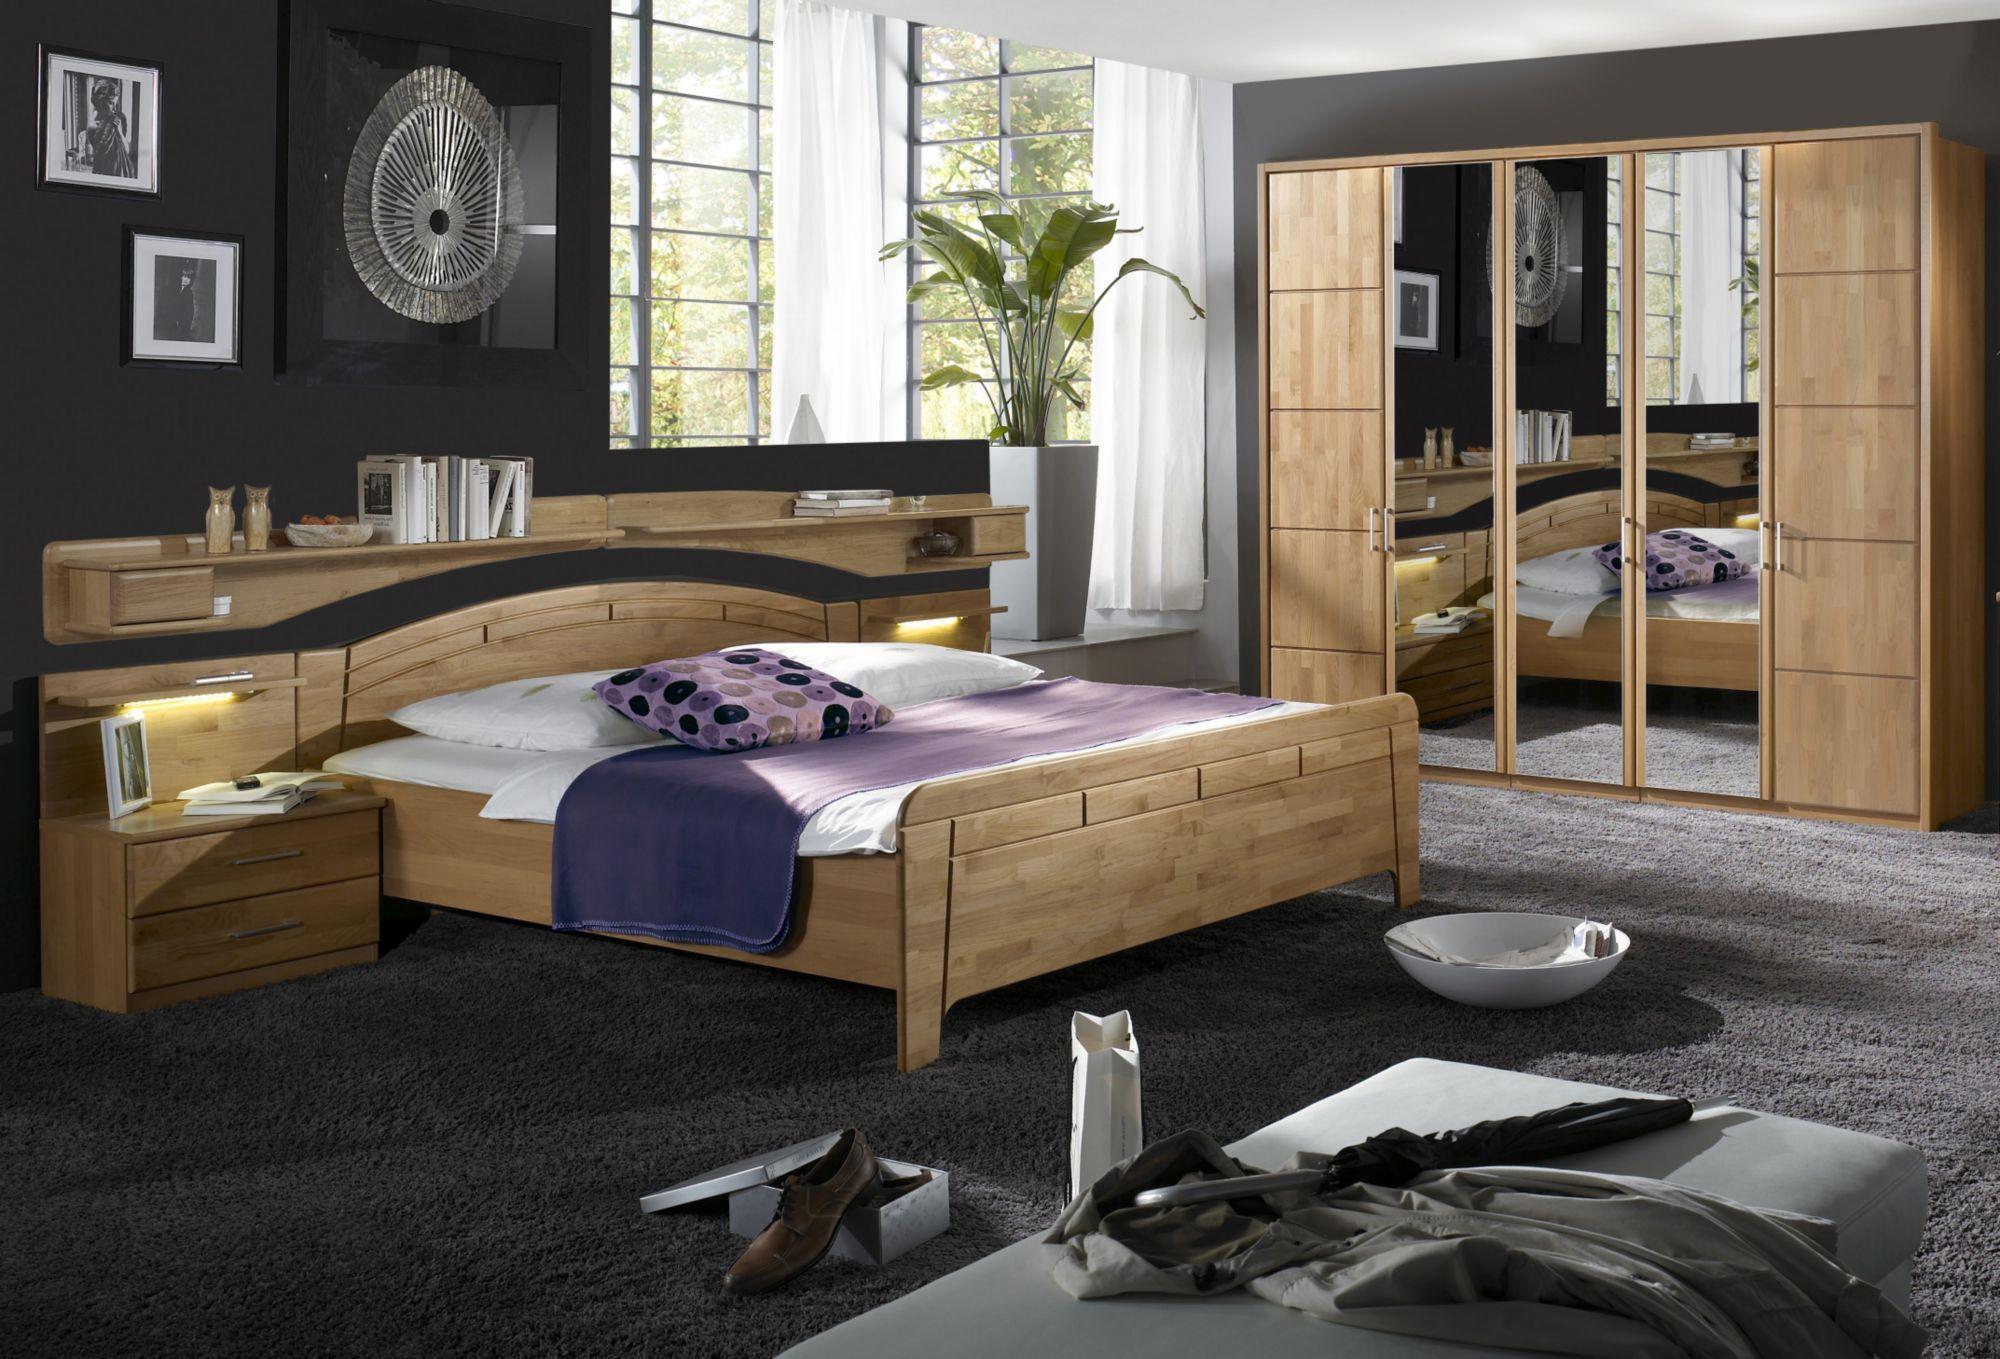 moderne wohnzimmer tapezieren interessante ideen f r die gestaltung eines raumes